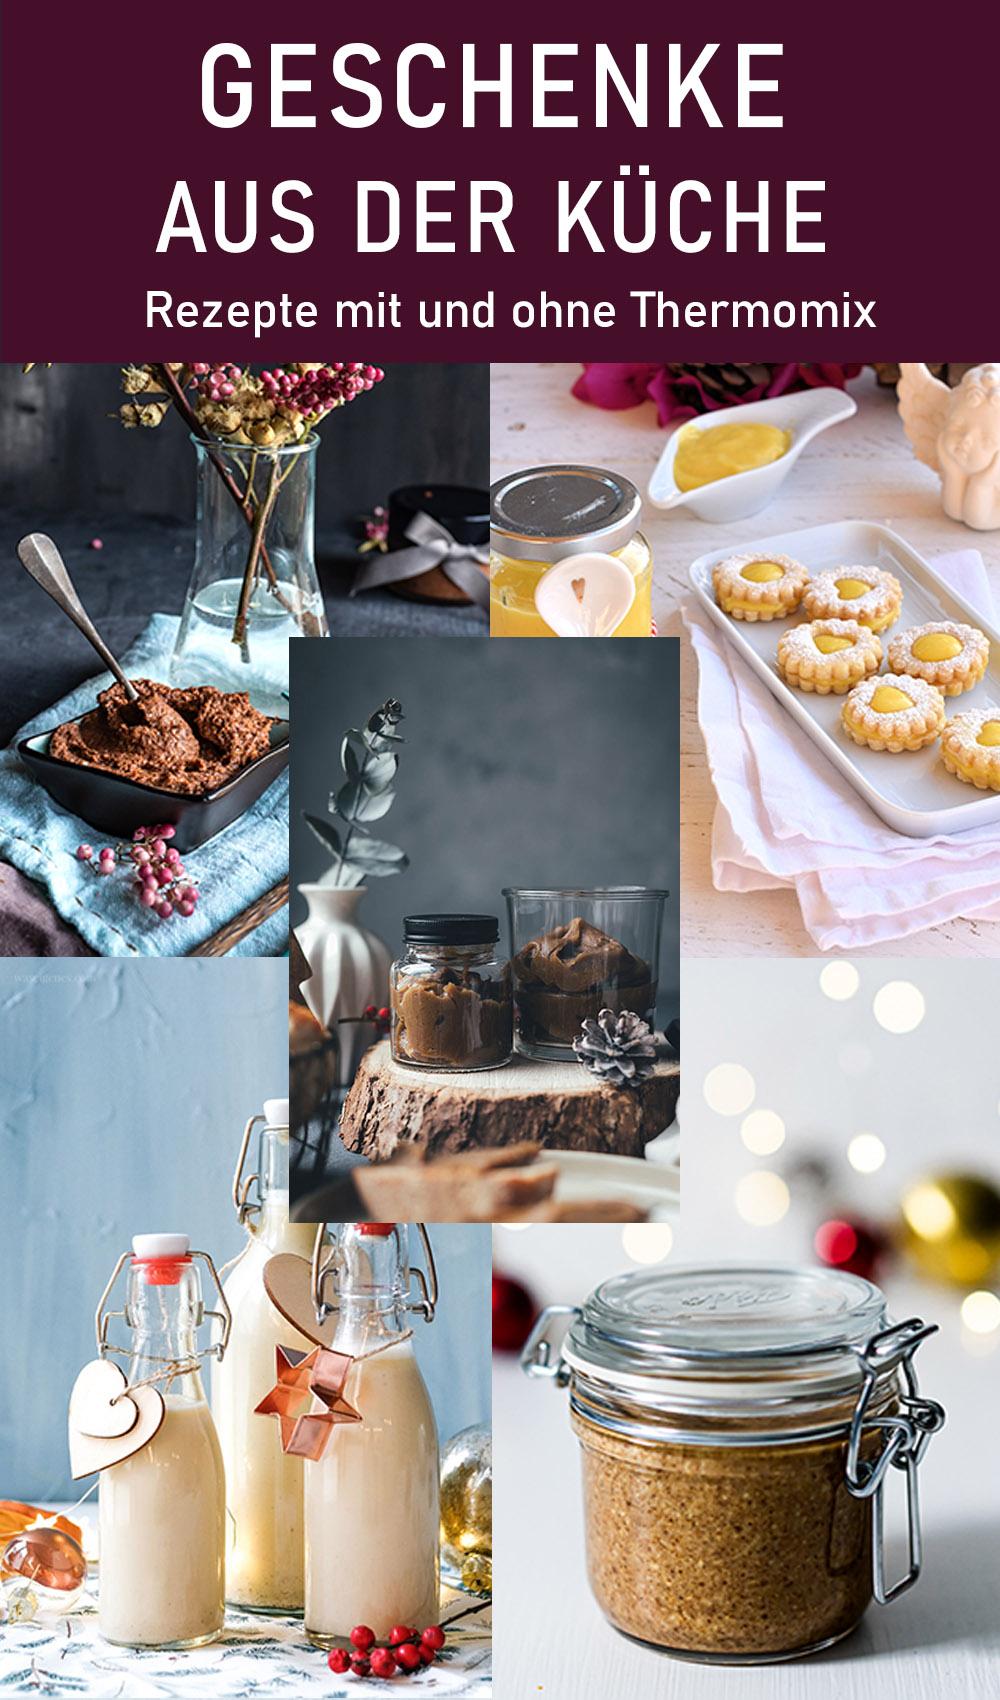 Umami Paste Schenk Doch Mal Geschmack Rezepte Weihnachtsrezepte Und Geschenke Aus Der Kuche